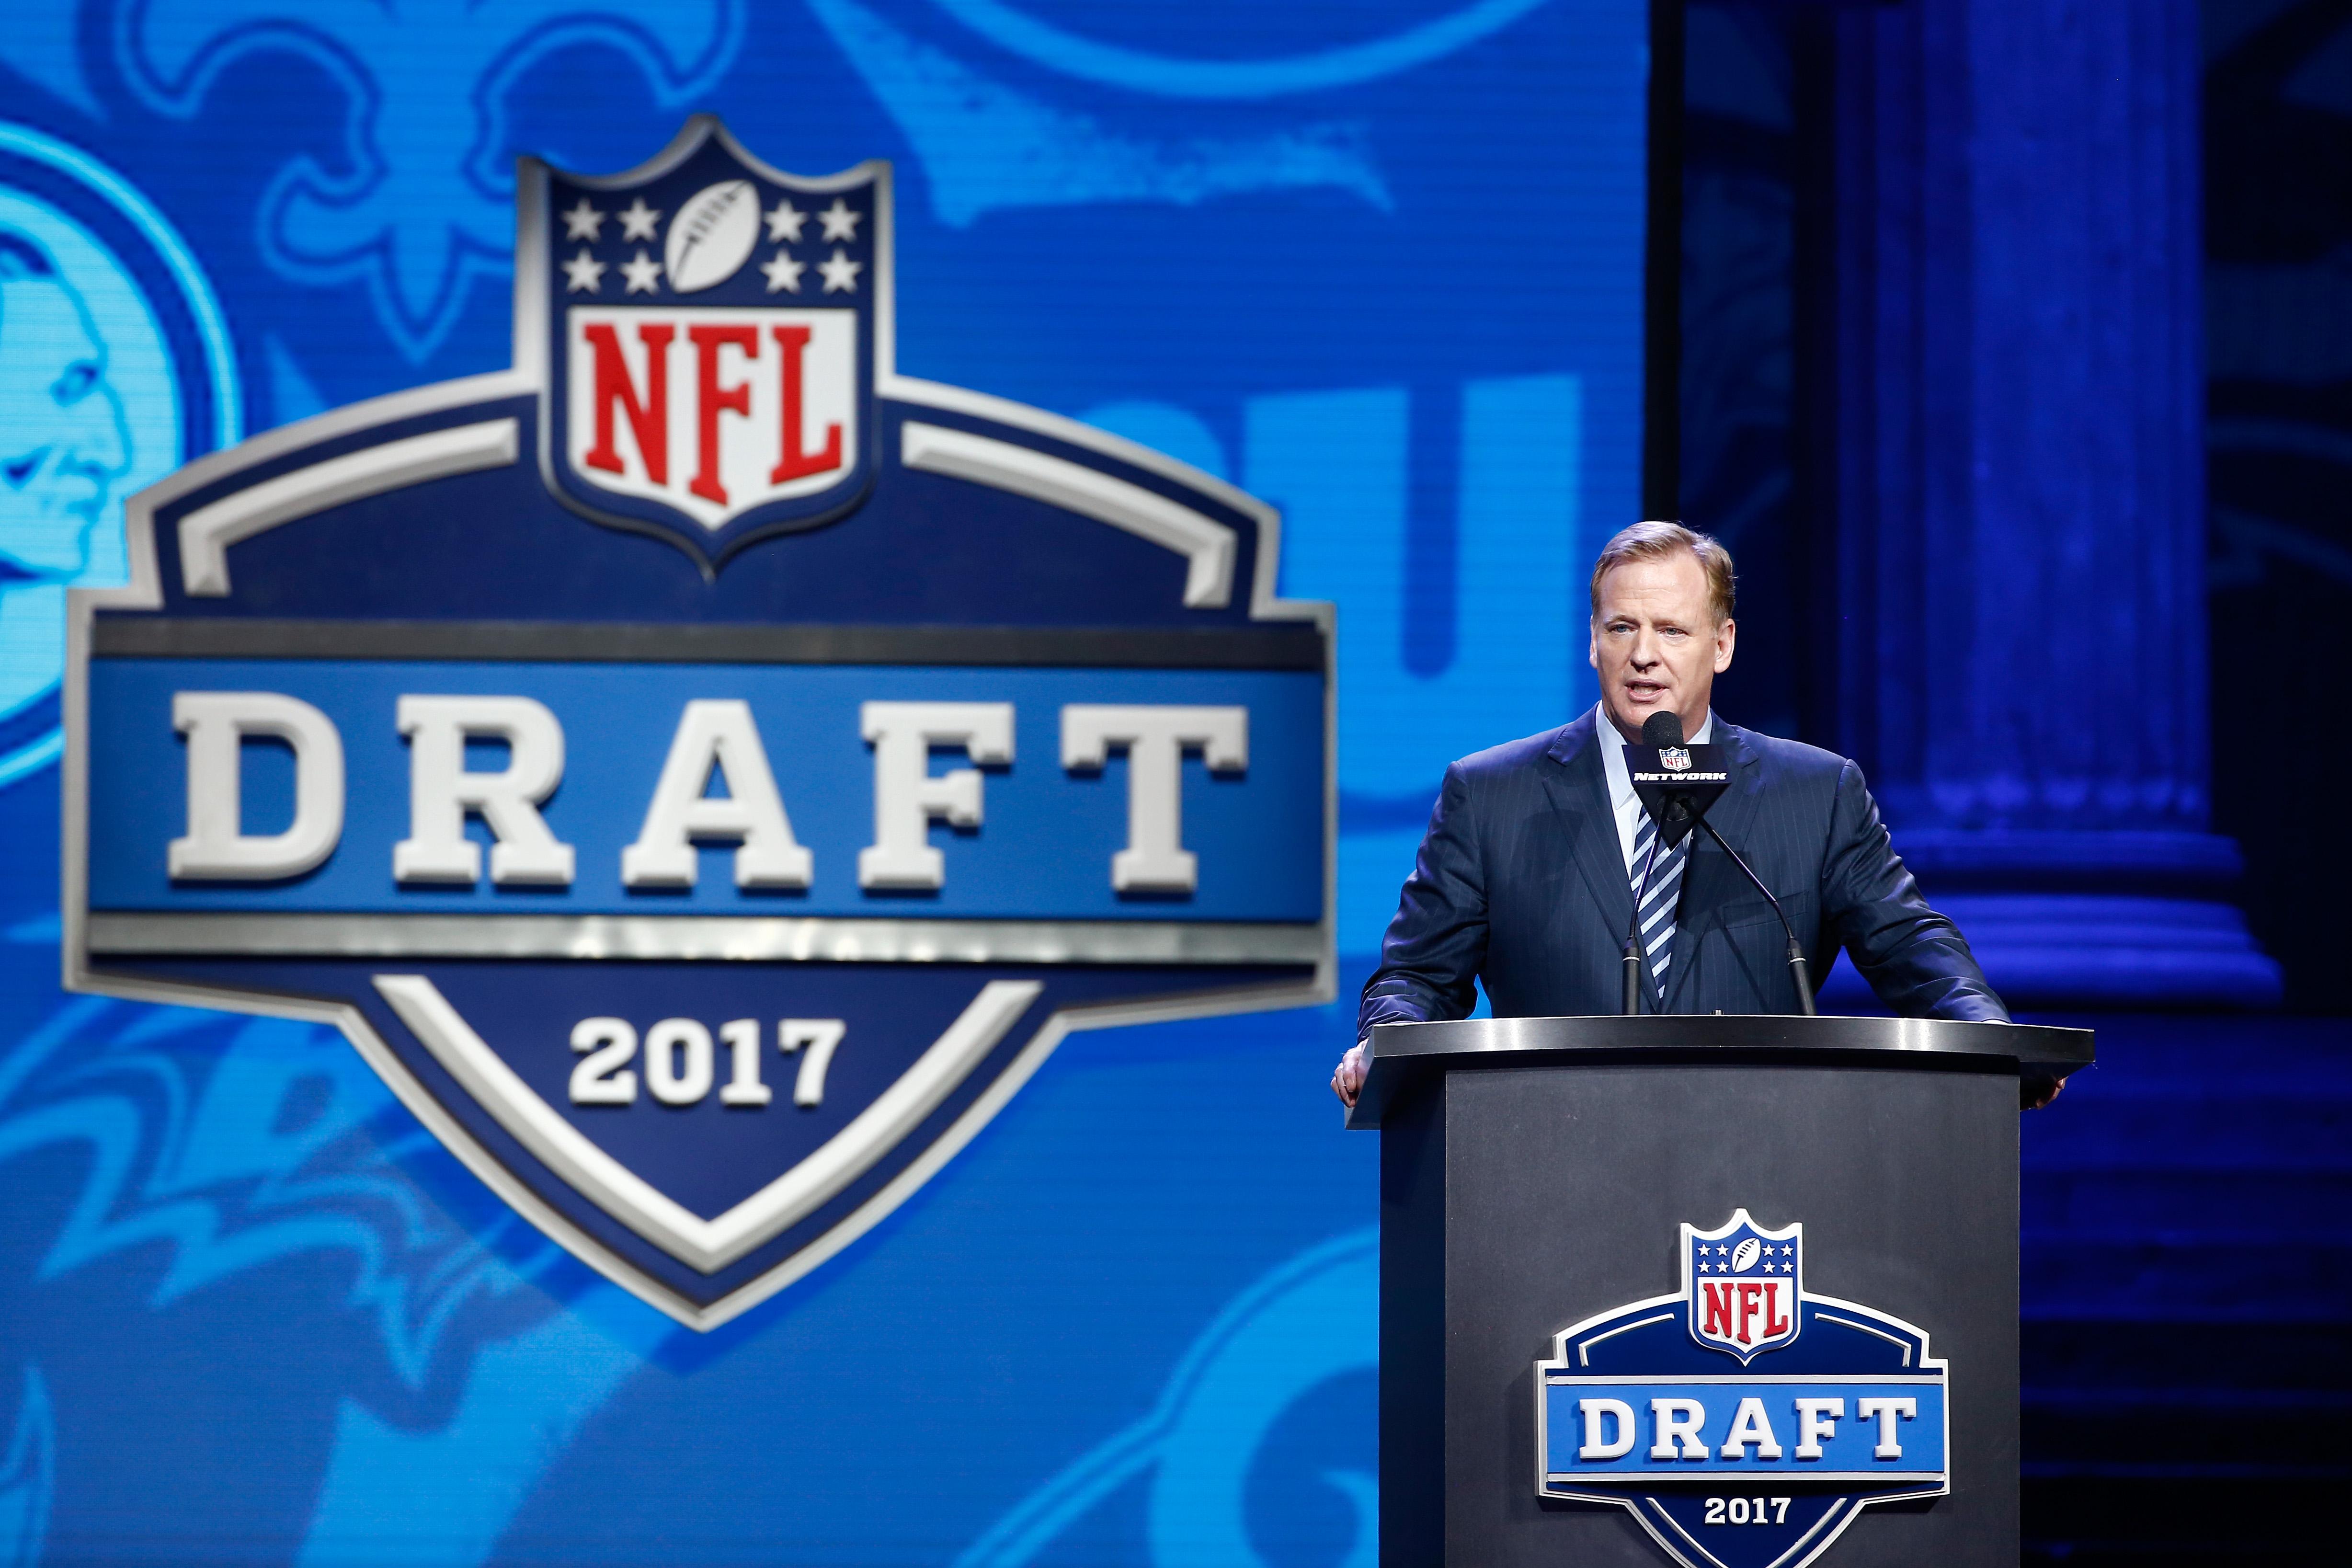 Colts Select: Ohio EDGE Tarell Basham